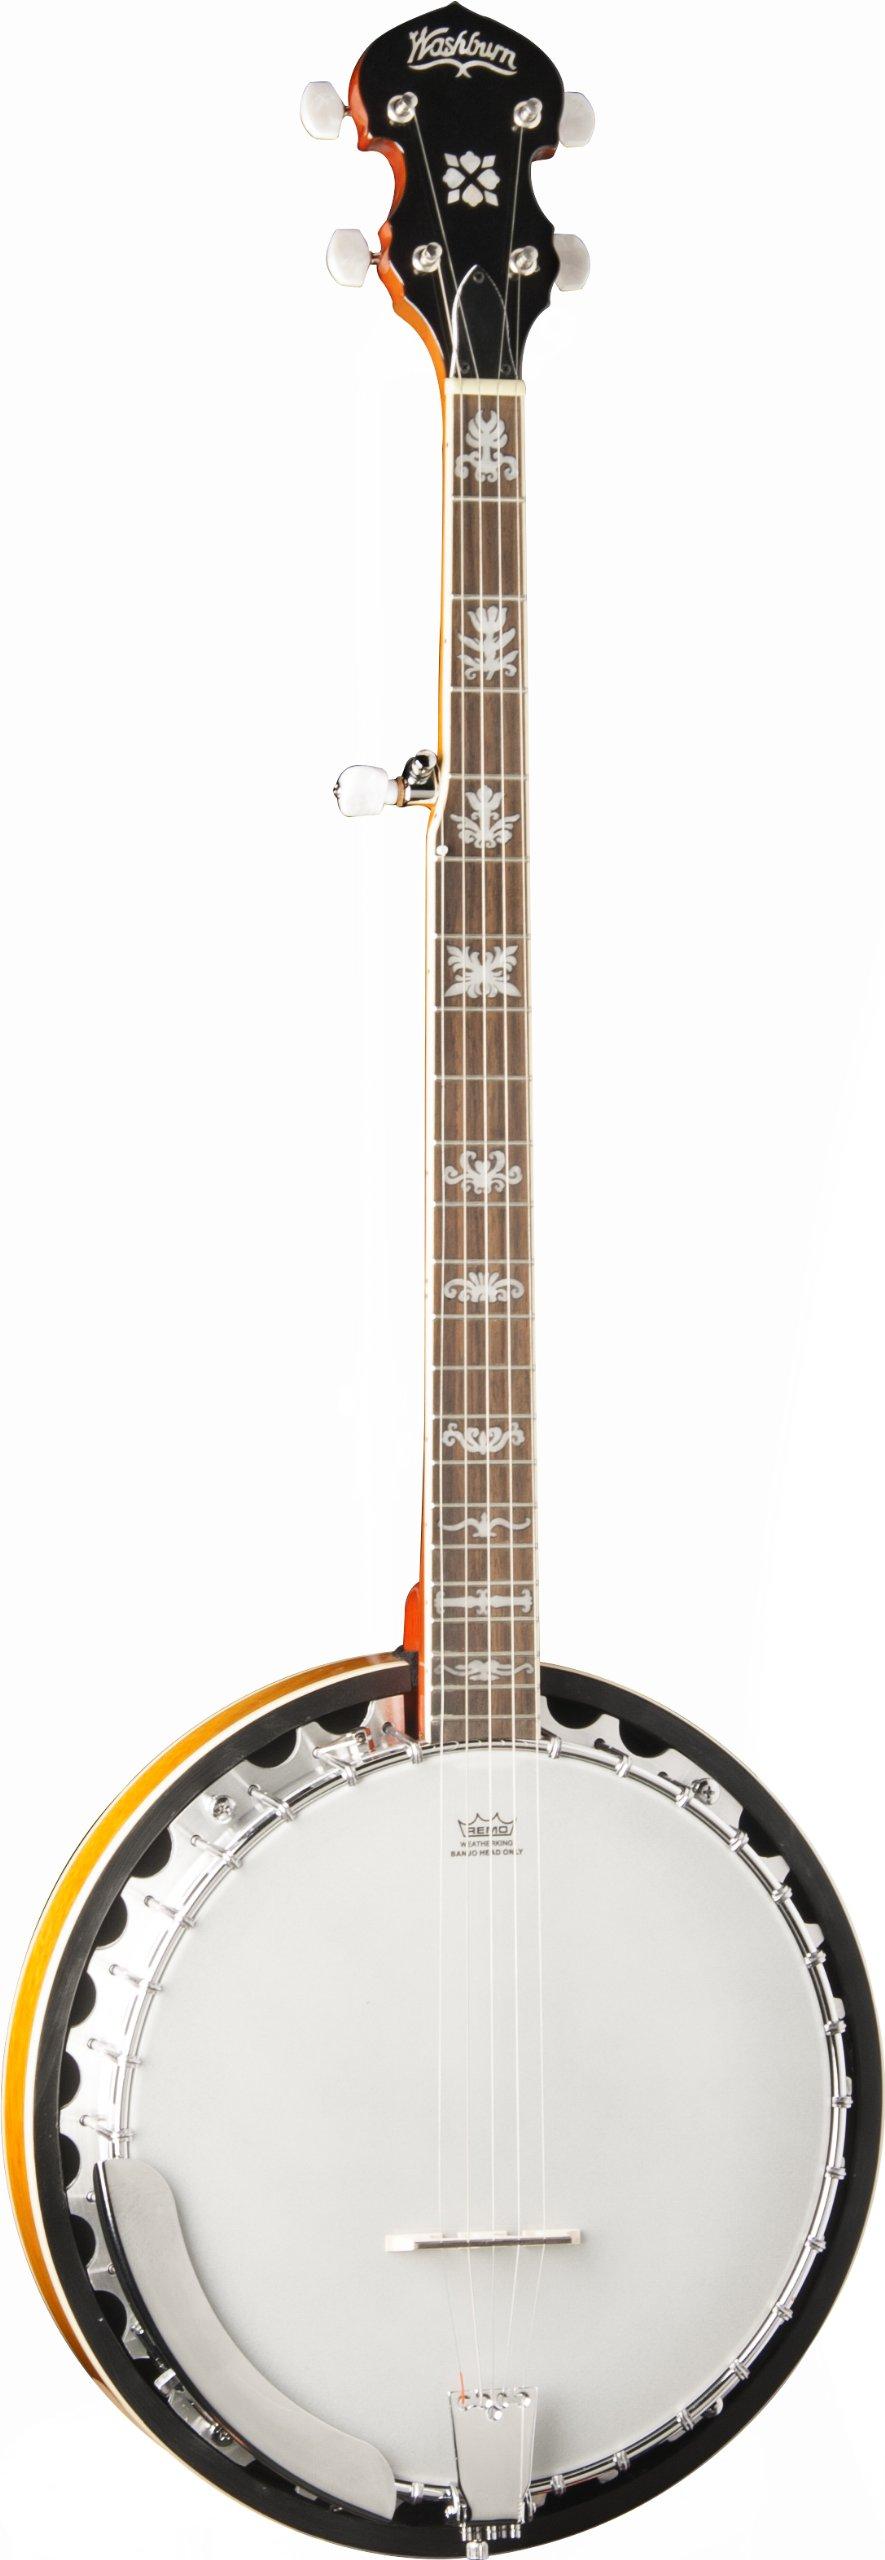 Washburn B10 5-String Banjo, Sunburst Gloss Finish by Washburn (Image #1)